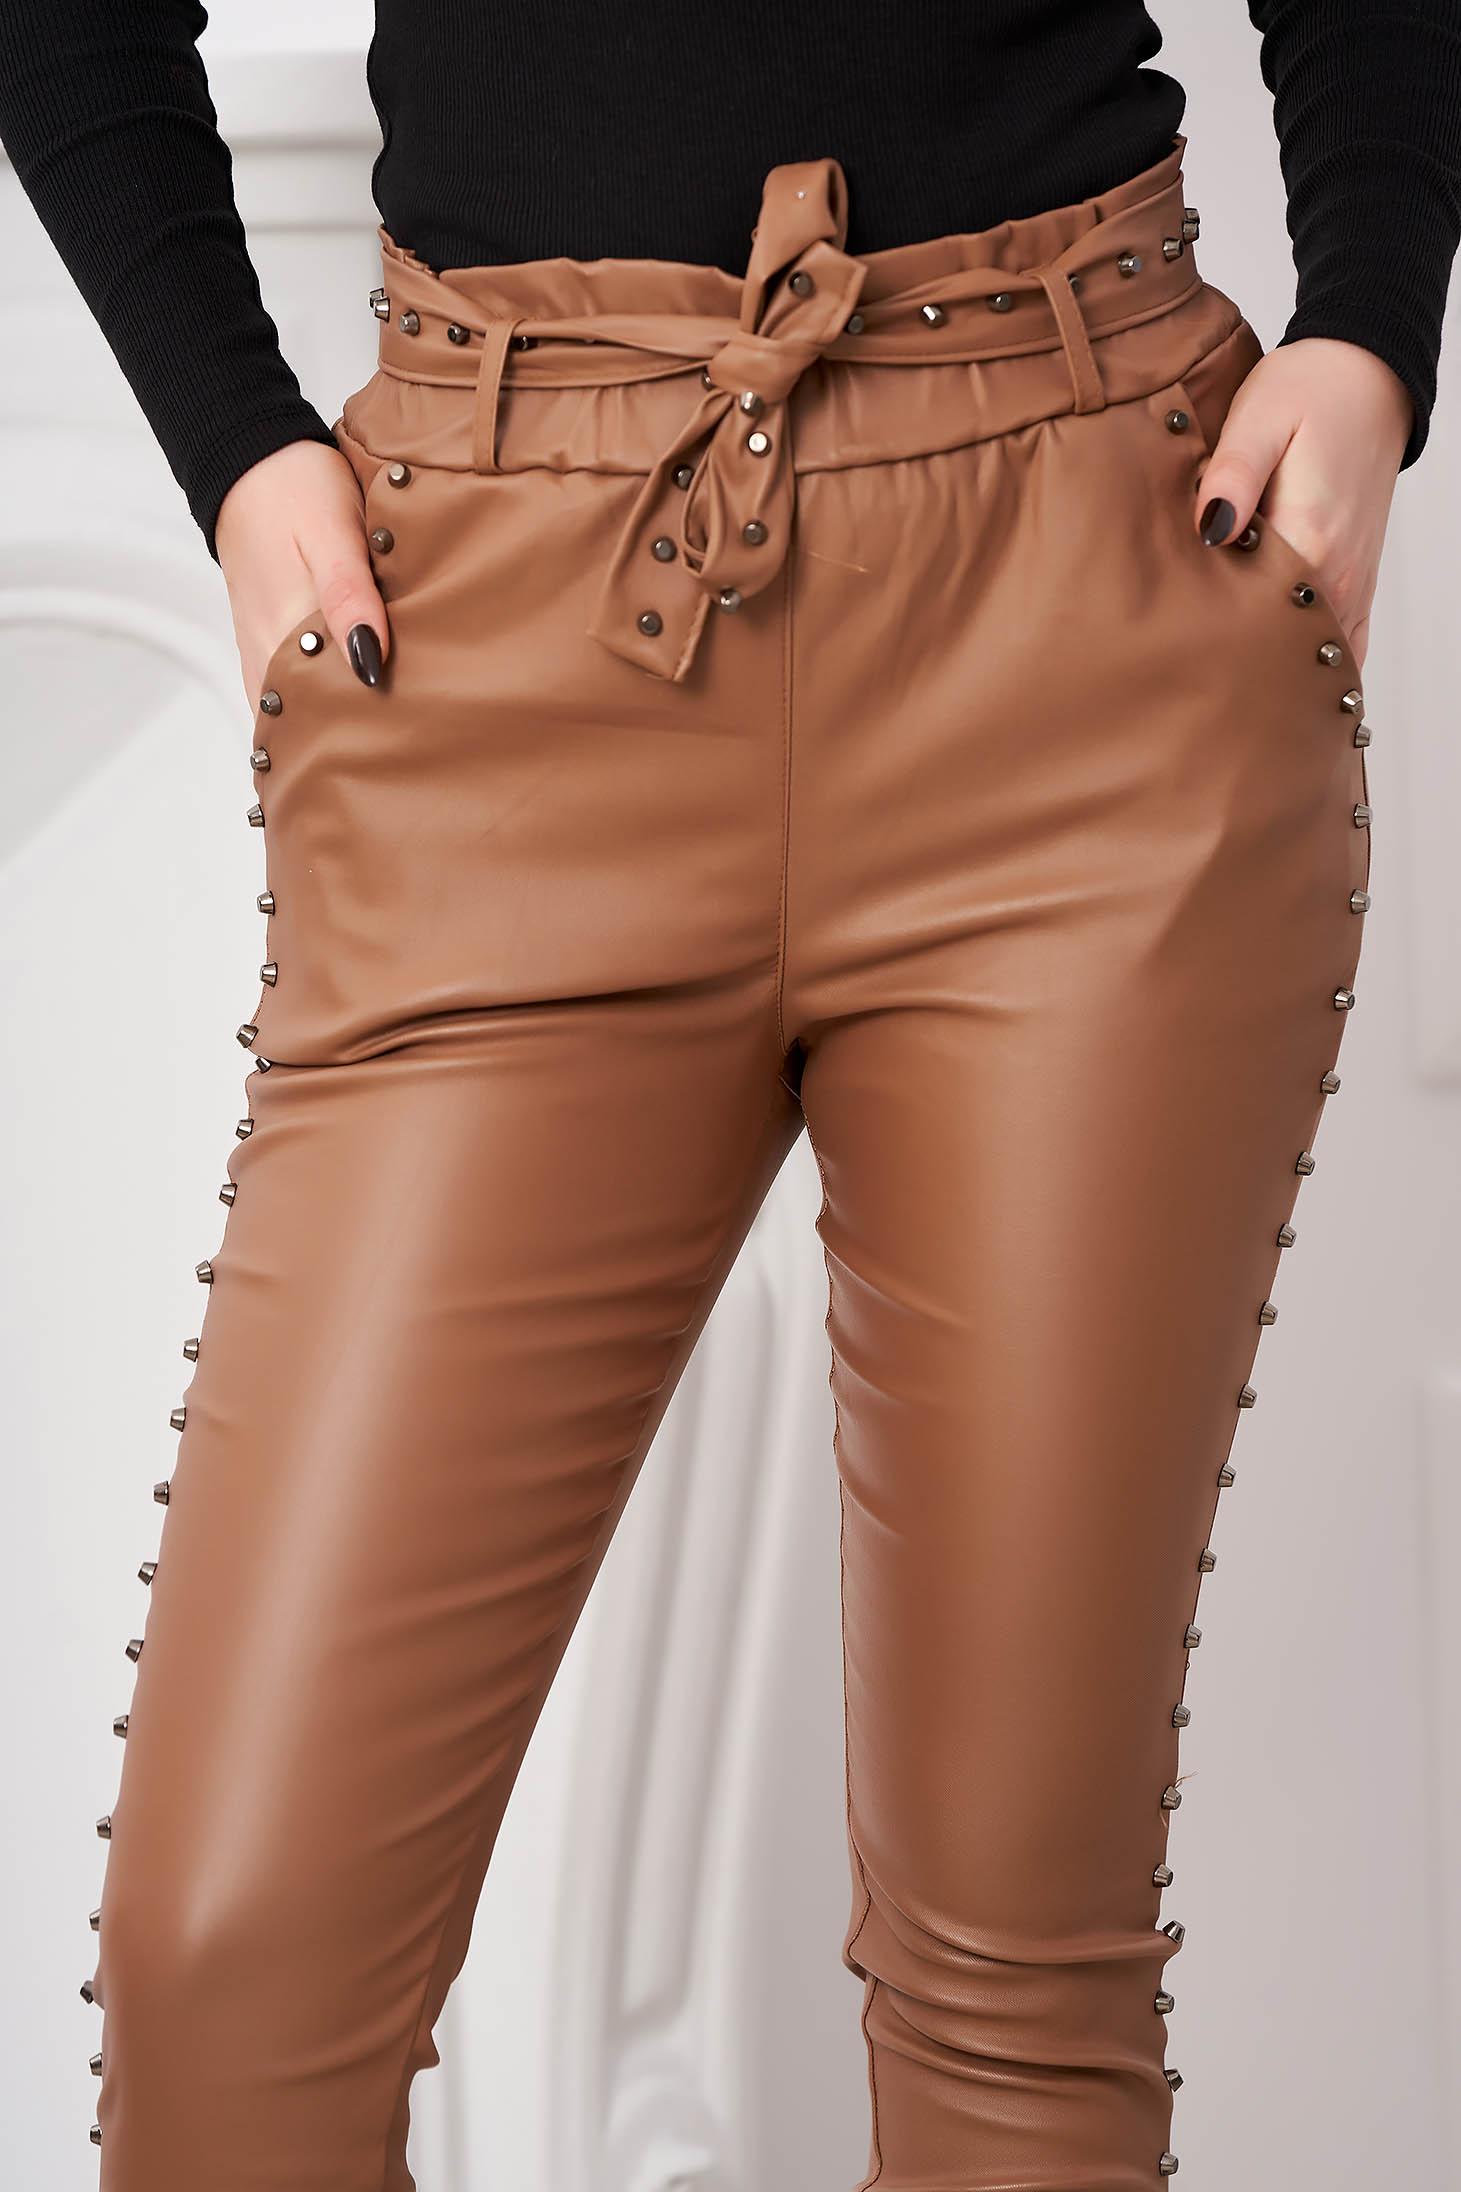 Pantaloni SunShine cappuccino din piele ecologica cu un croi mulat cu tinte metalice cu talie inalta